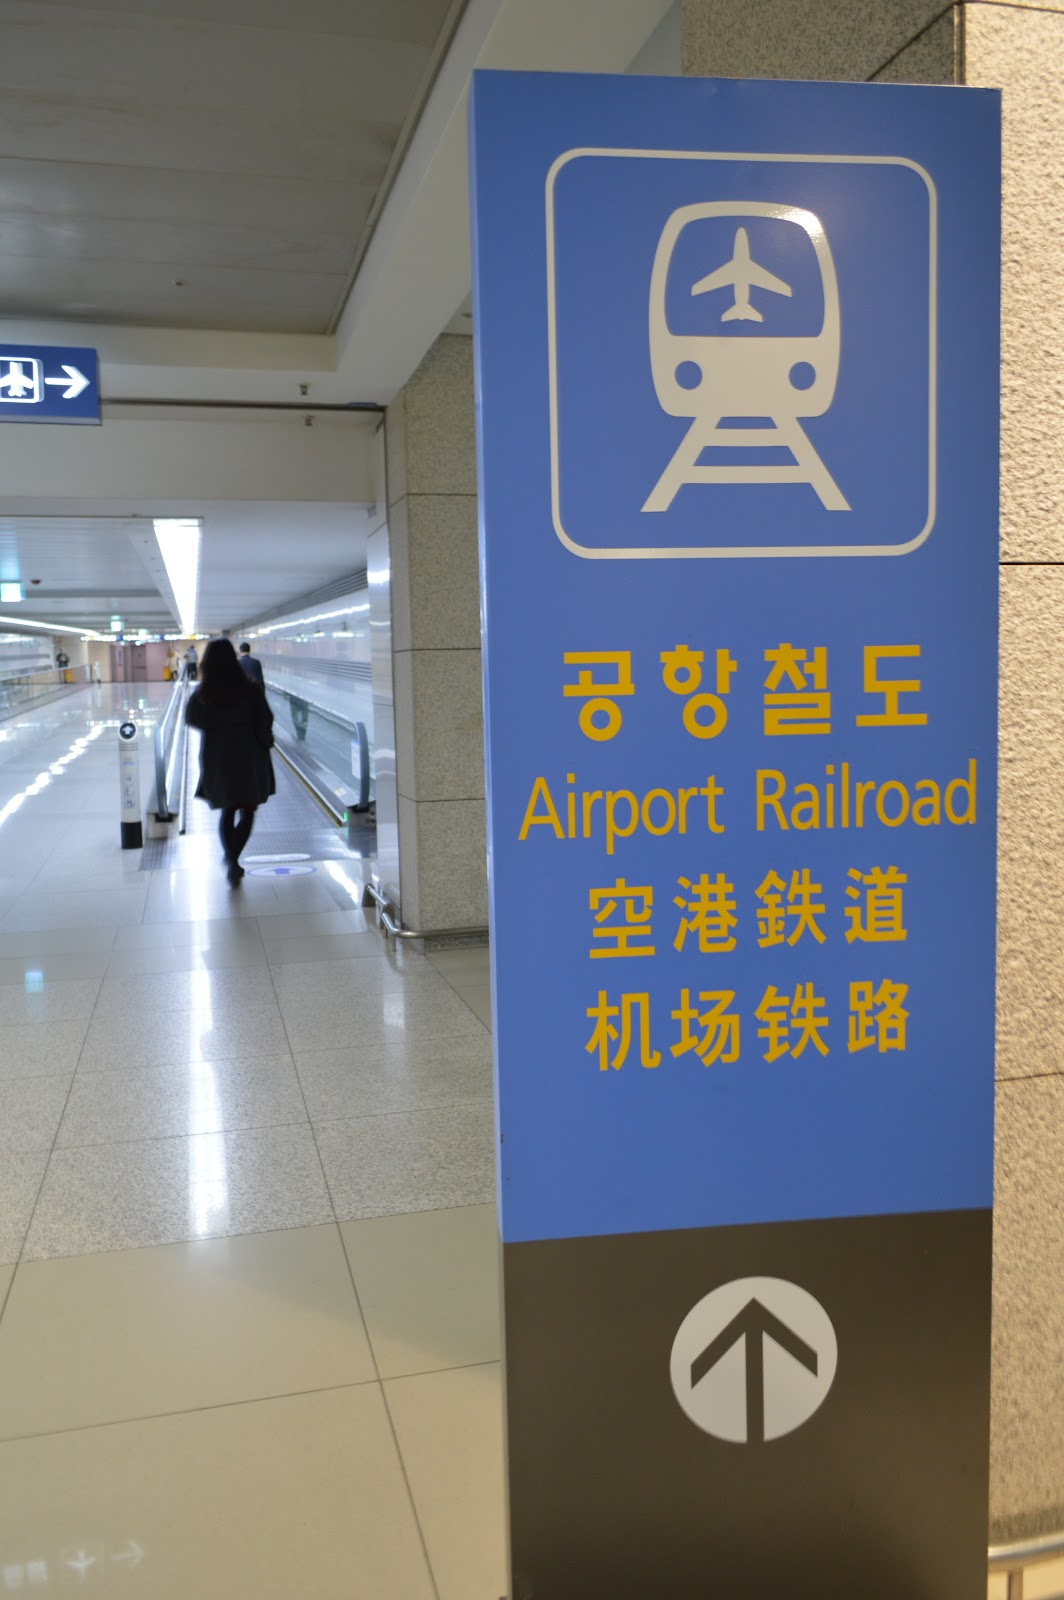 空港鉄道乗り方